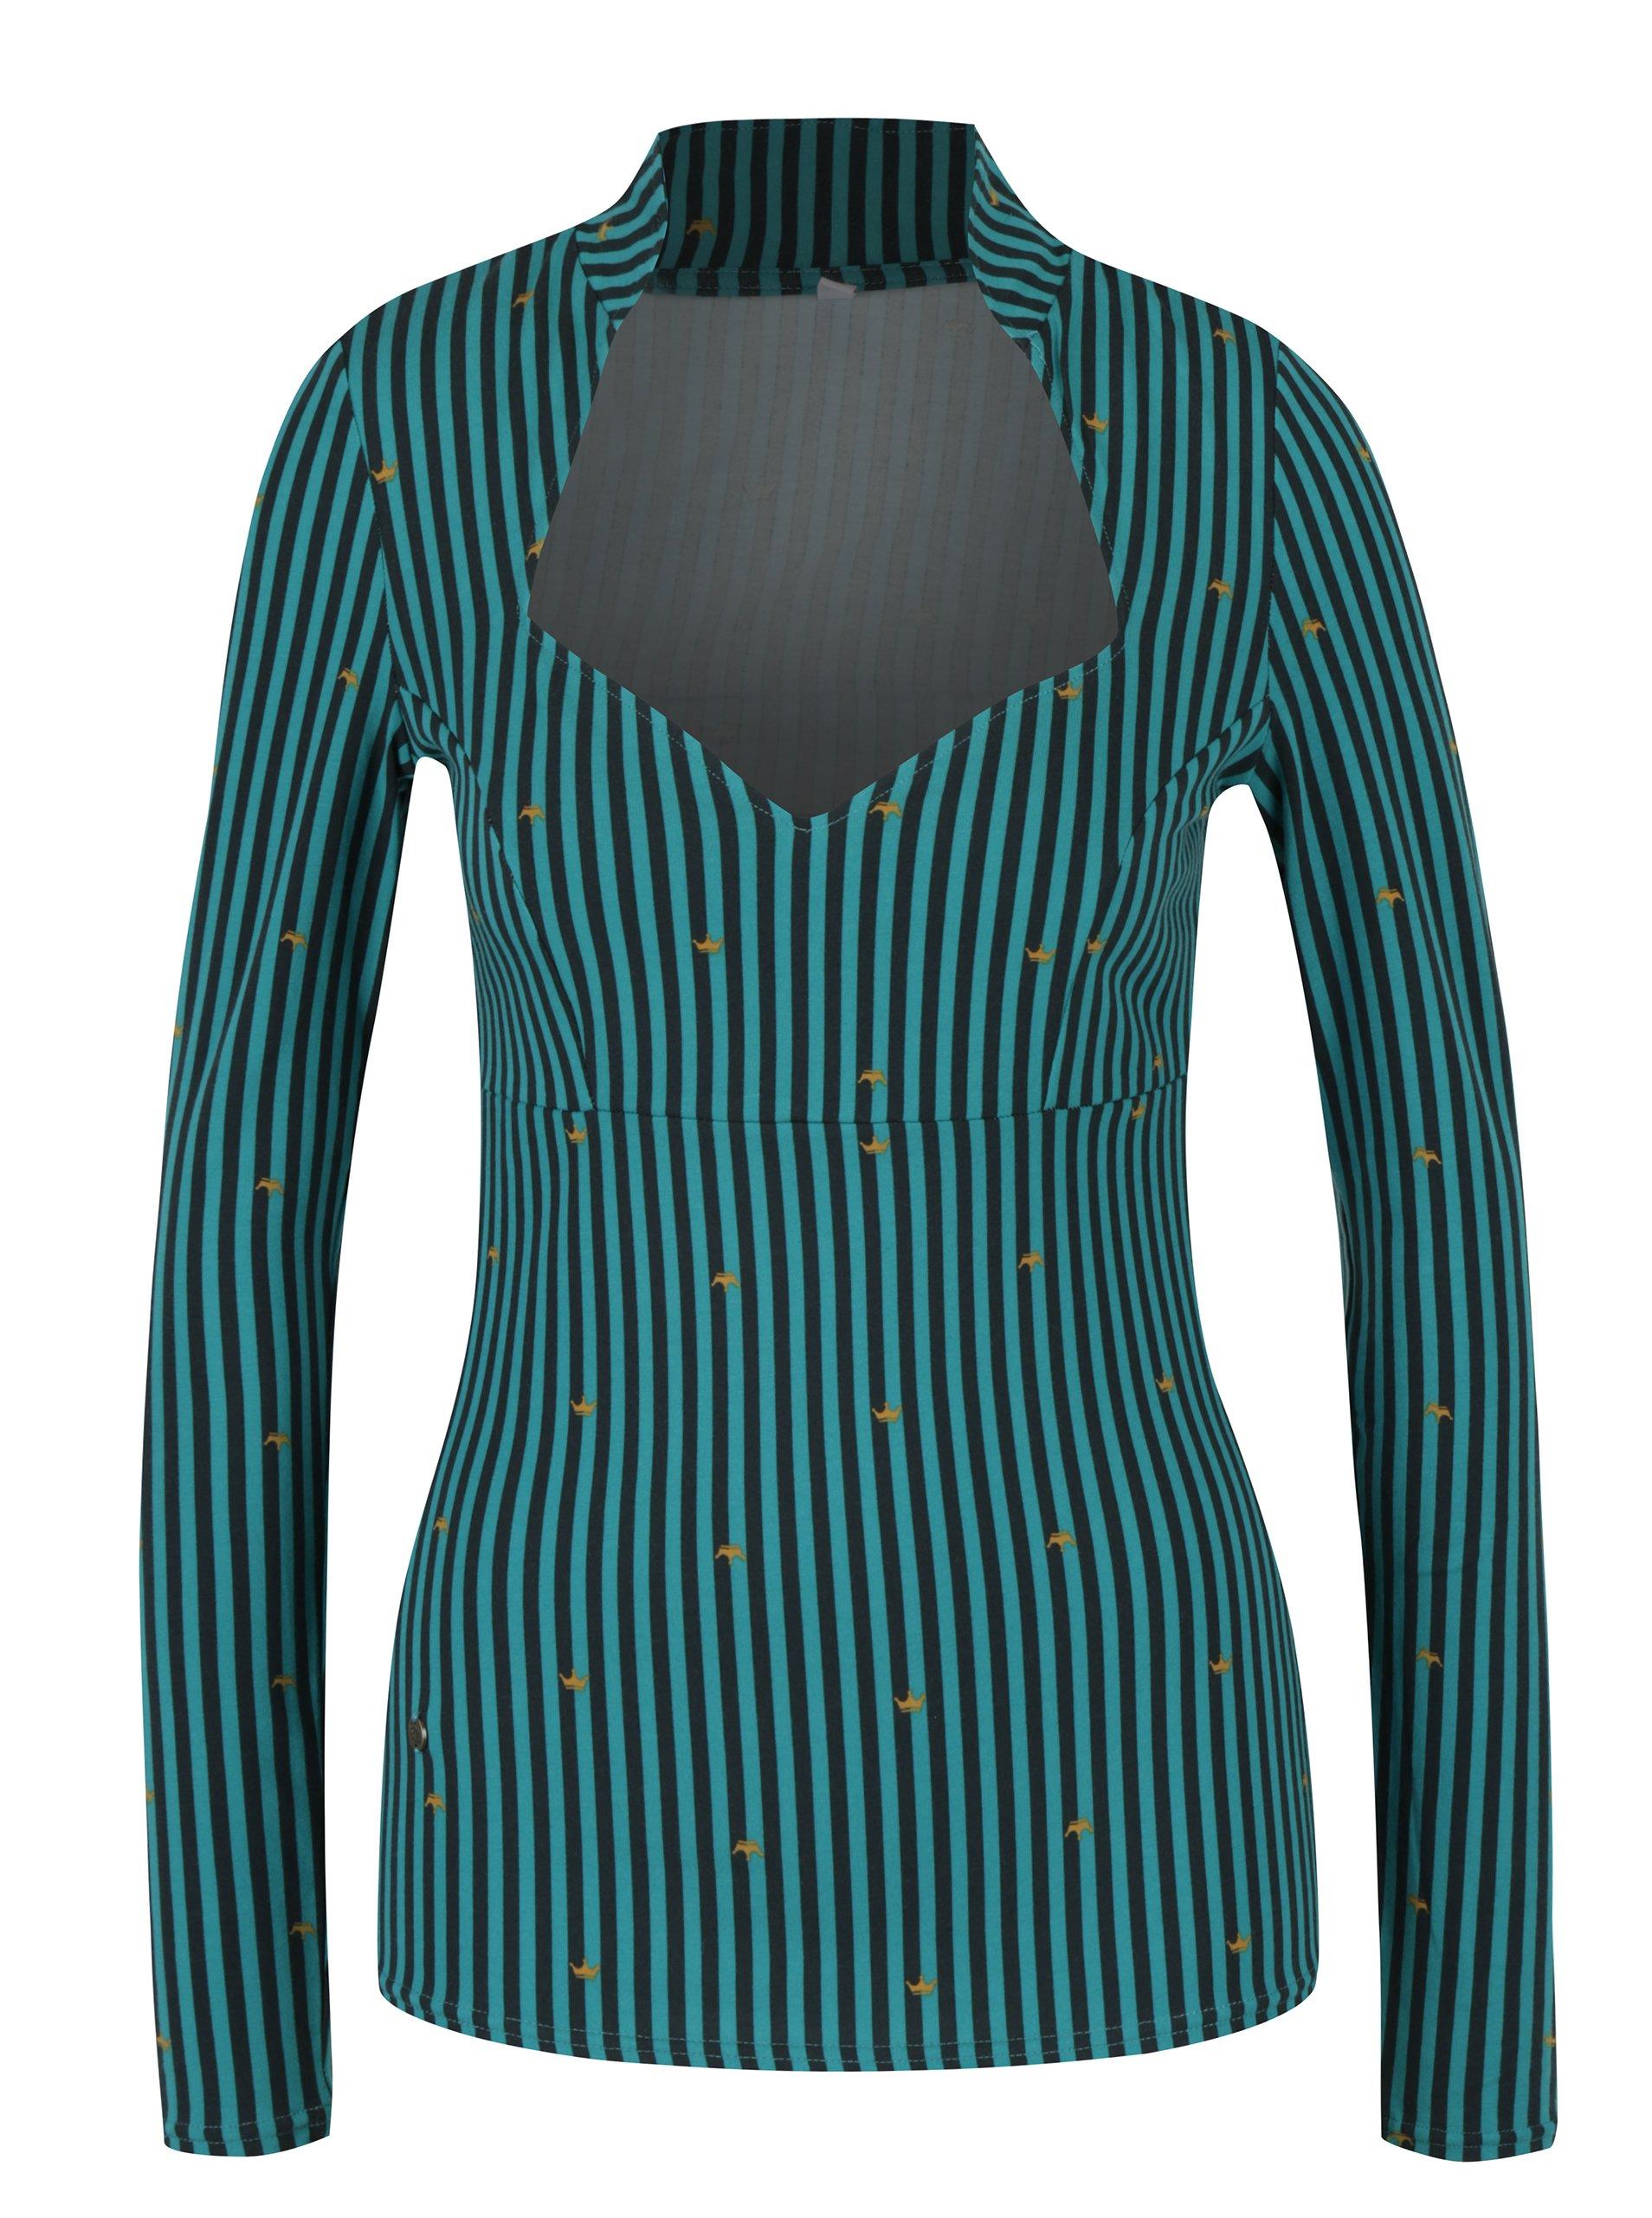 Černo-tyrkysové pruhované tričko s motivem koruny Blutsgeschwister